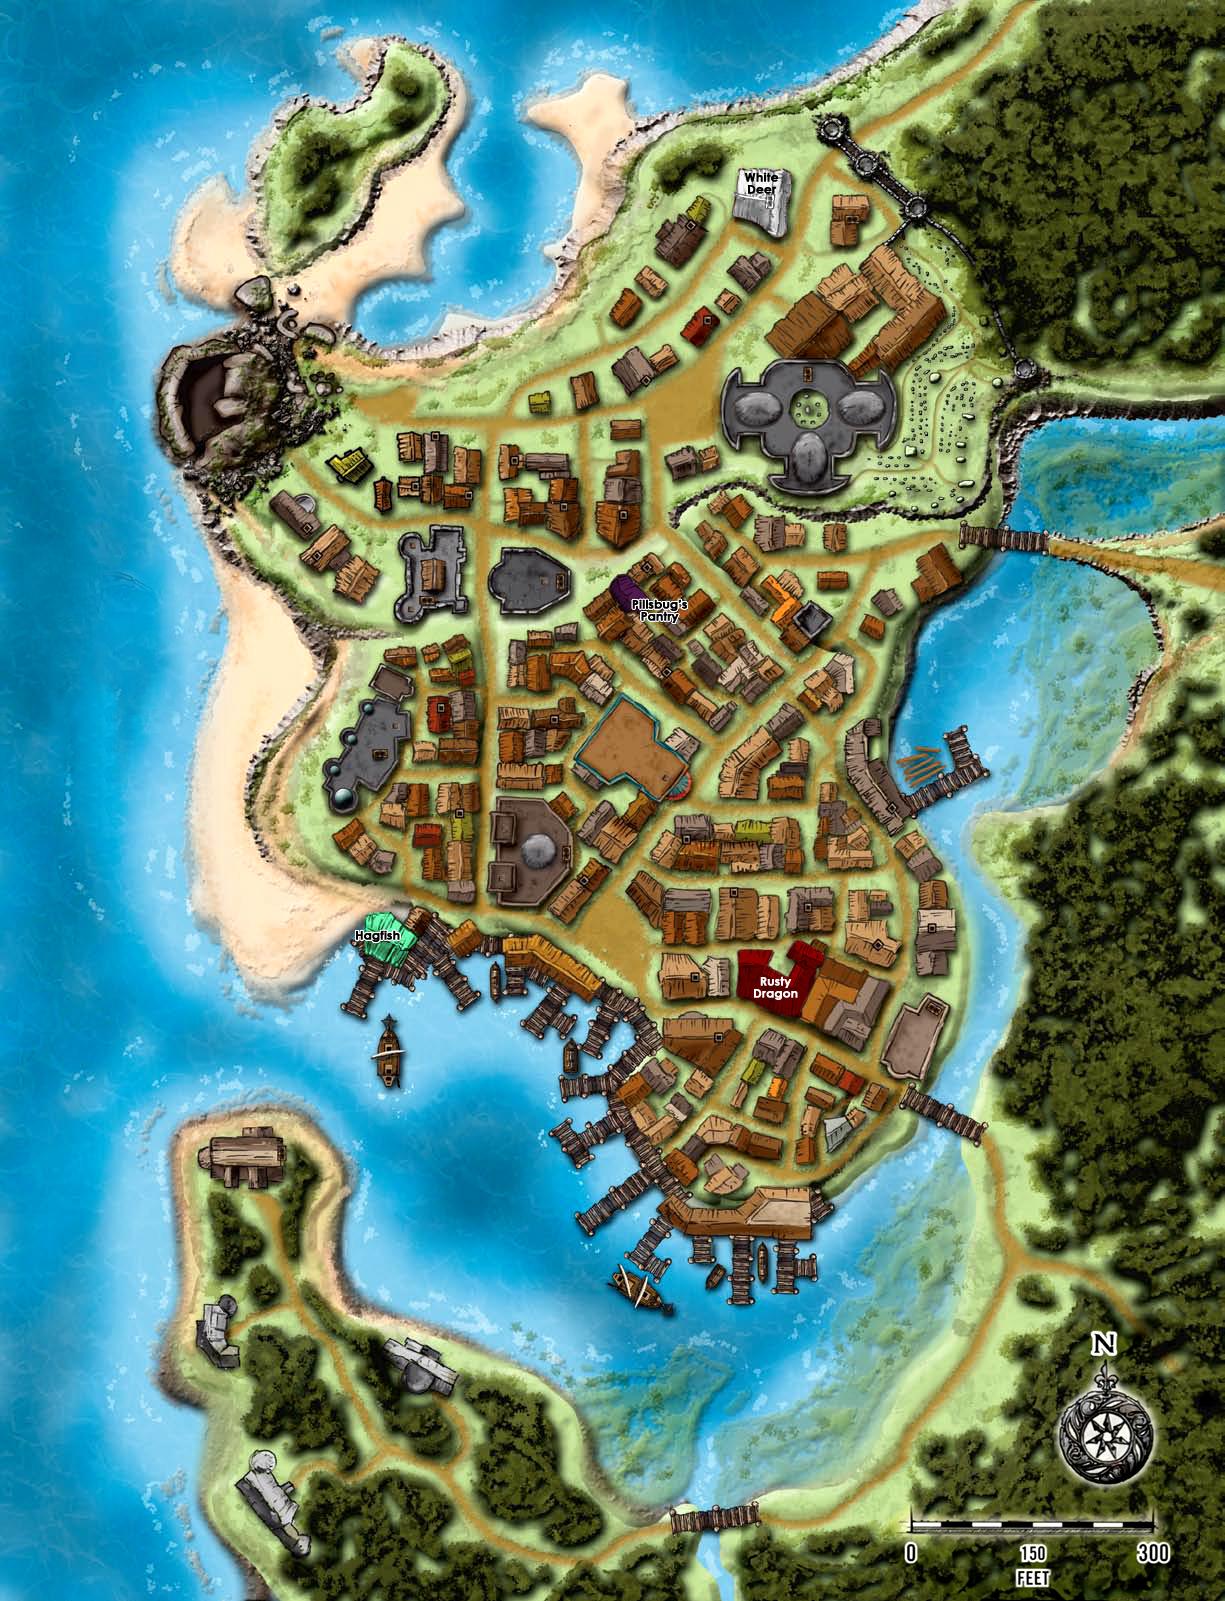 [Pathfinder (BR)] Fires over Brinestump  Map_01-sandpoint